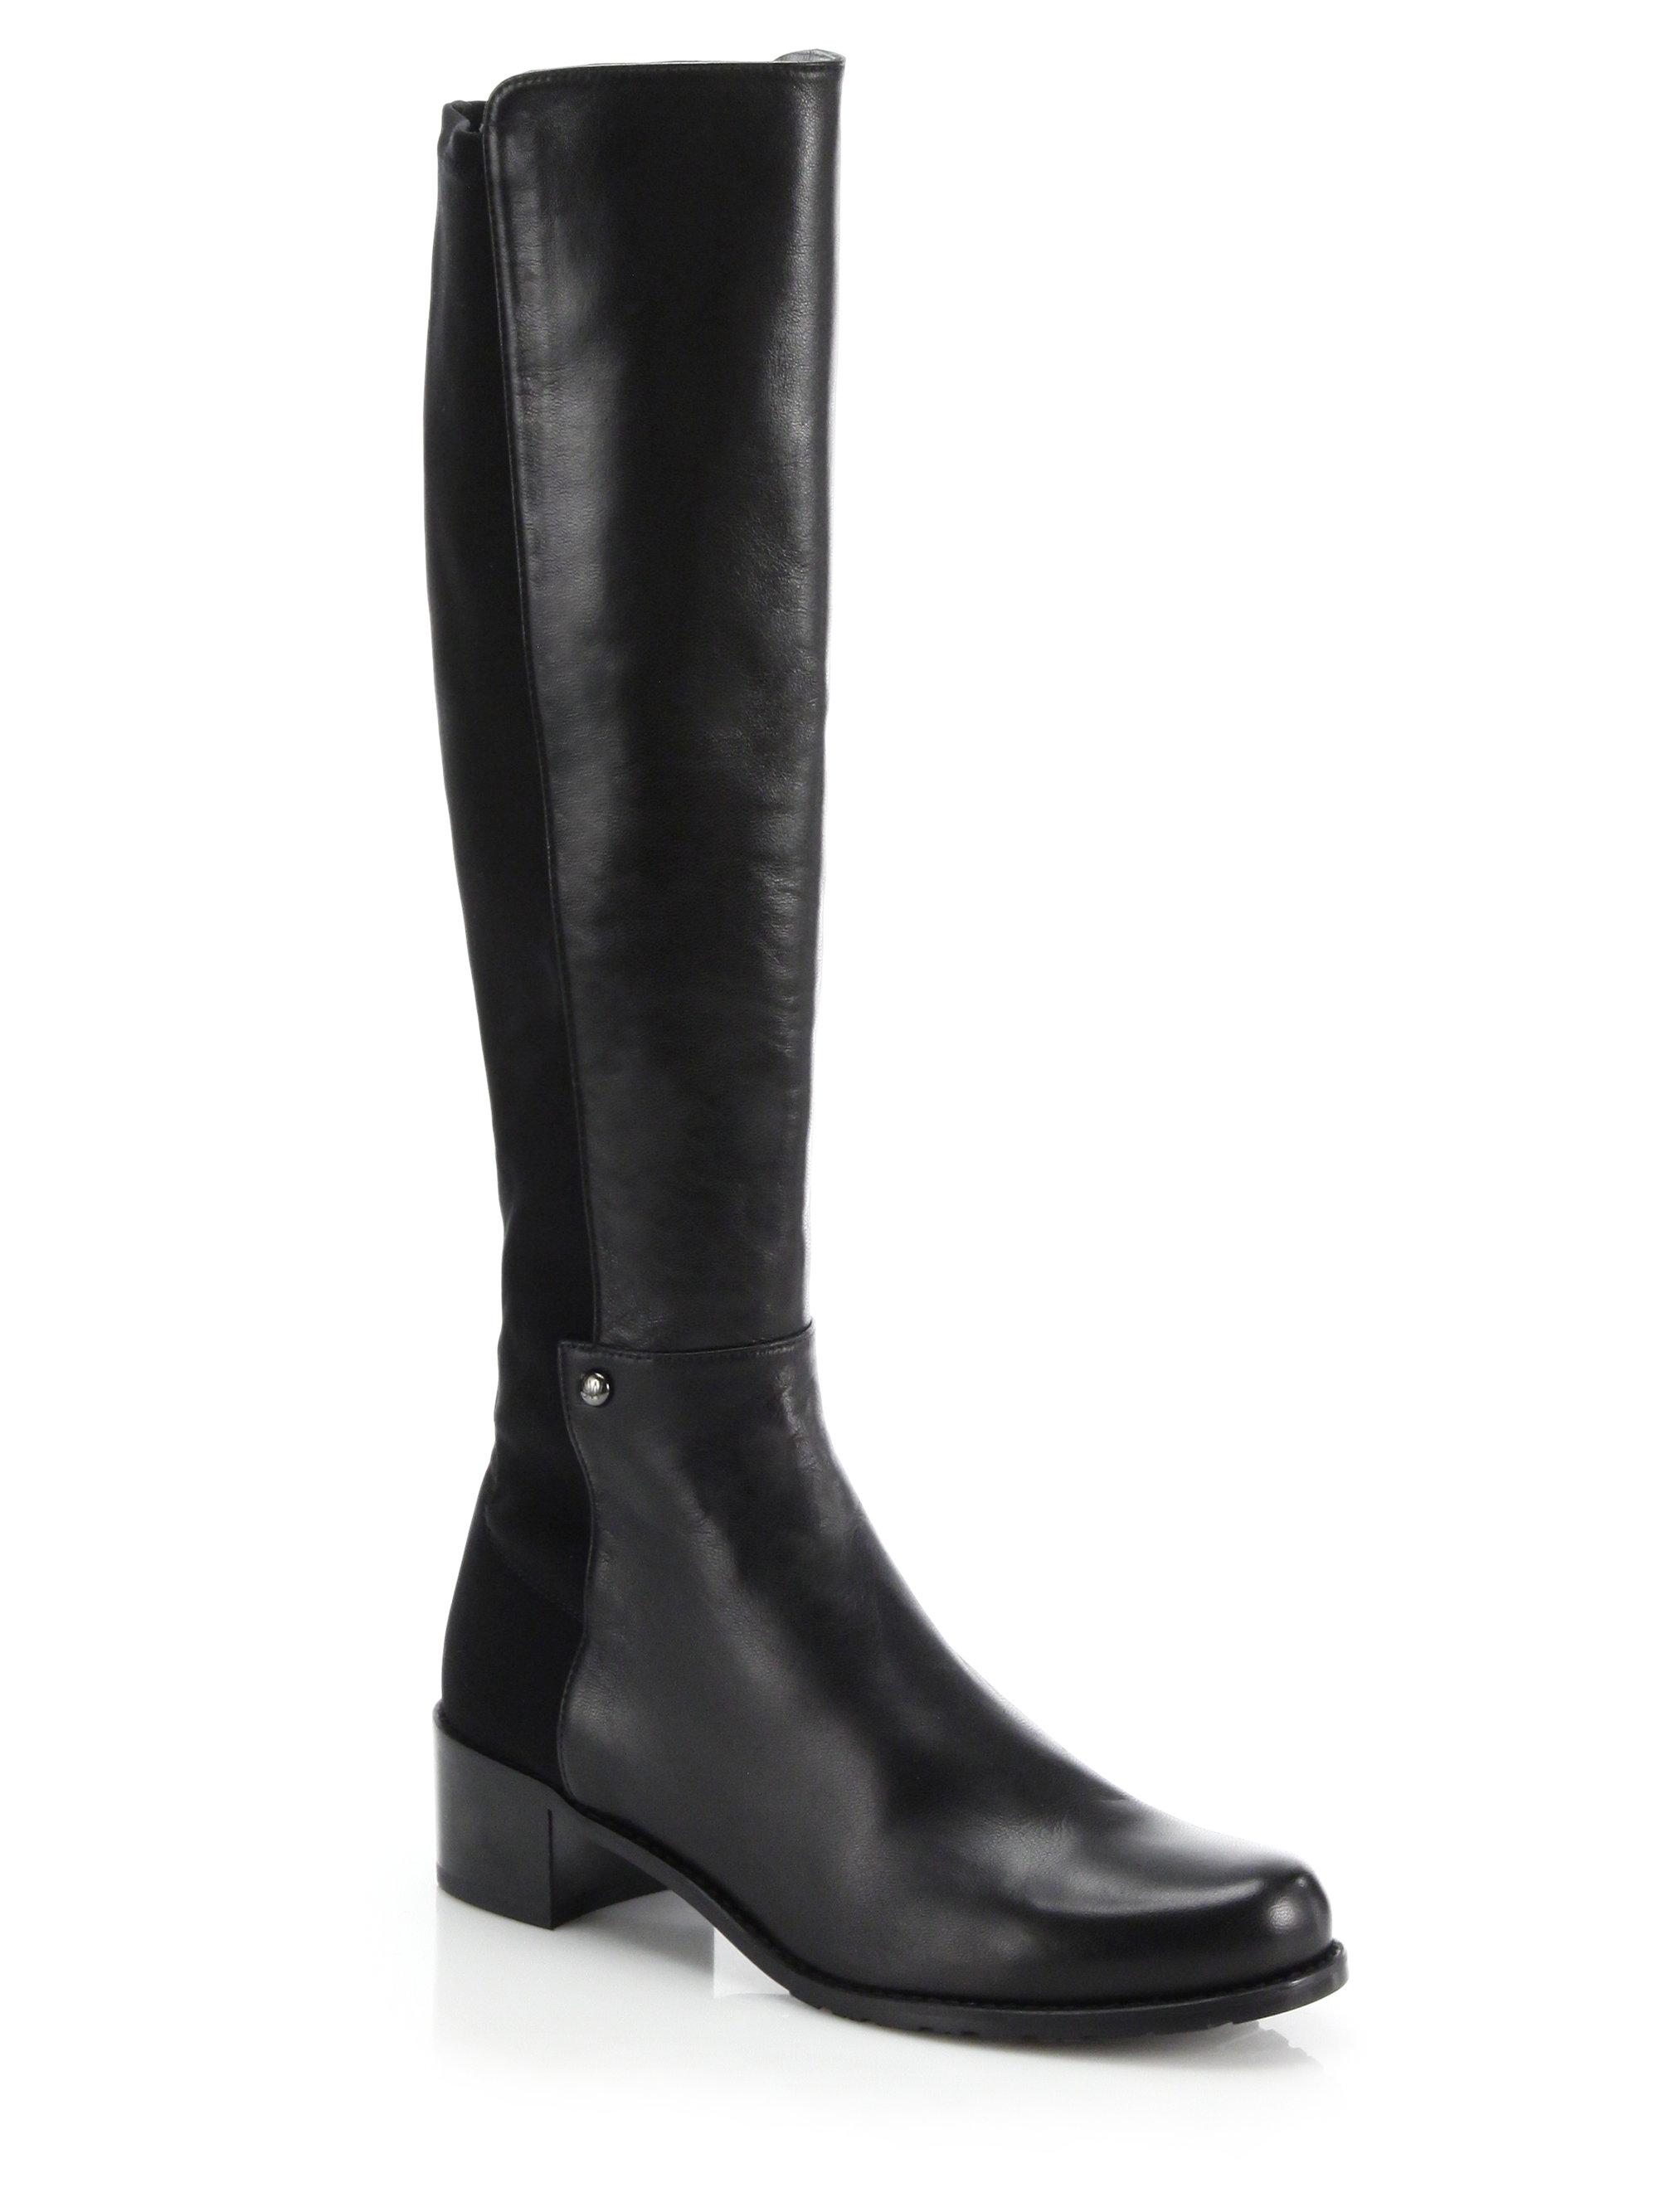 Lyst Stuart Weitzman Mezzamezza Leather Knee High Boots